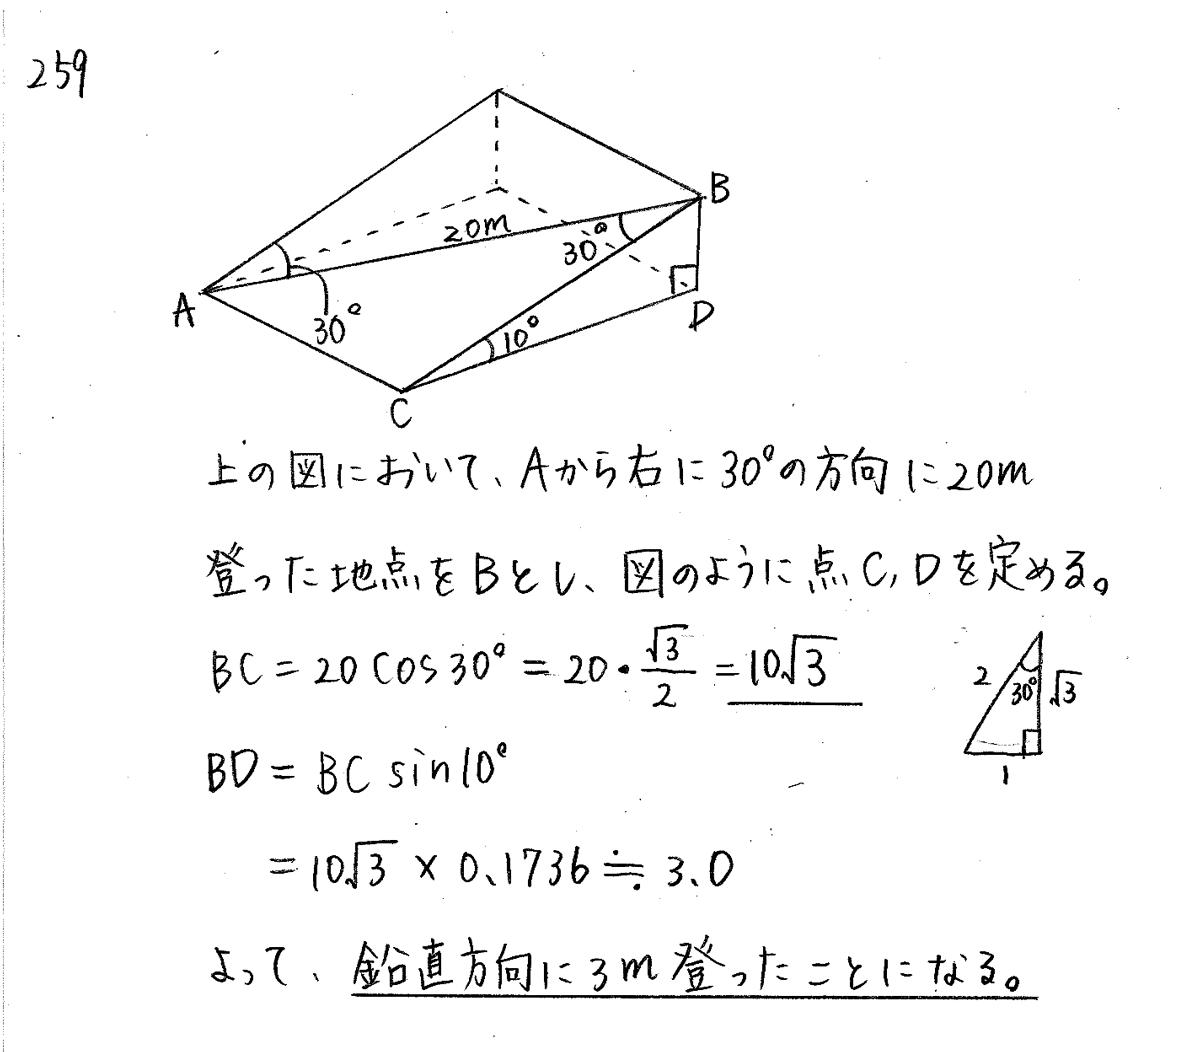 クリアー数学1-259解答